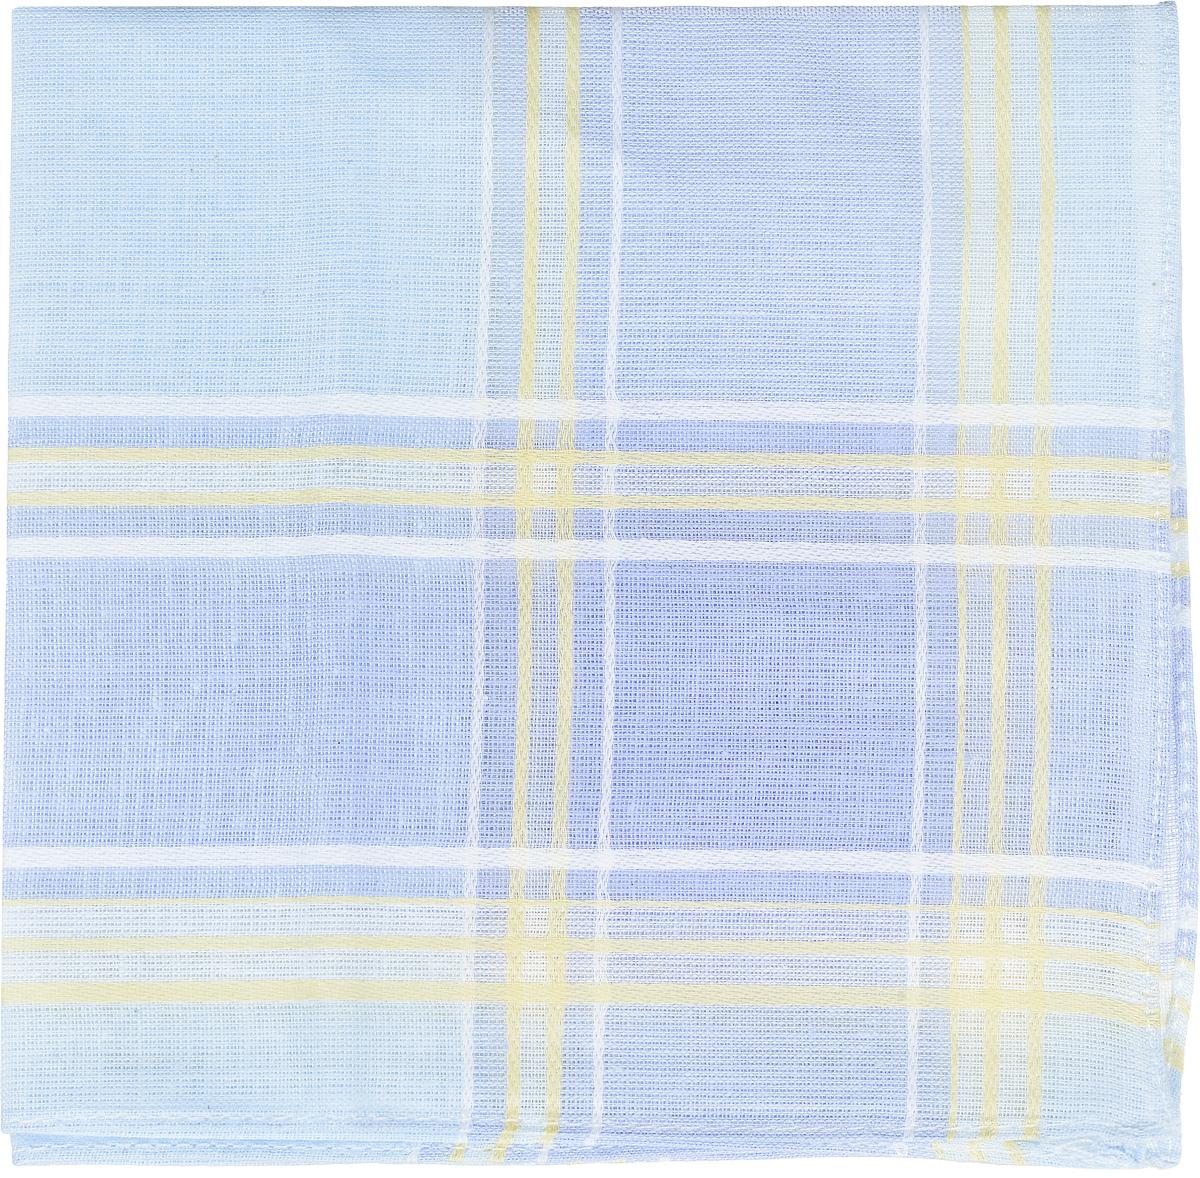 Платок носовой женский Zlata Korunka, цвет: светло-голубой, сиреневый, желтый. 45471. Размер 27 см х 27 см45471_голубой, белый, желтыйЖенский носовой платок Zlata Korunka, изготовленный из натурального хлопка, приятен в использовании и отлично впитывает влагу. Материал не садится и хорошо стирается. Модель оформлена контрастными полосками.